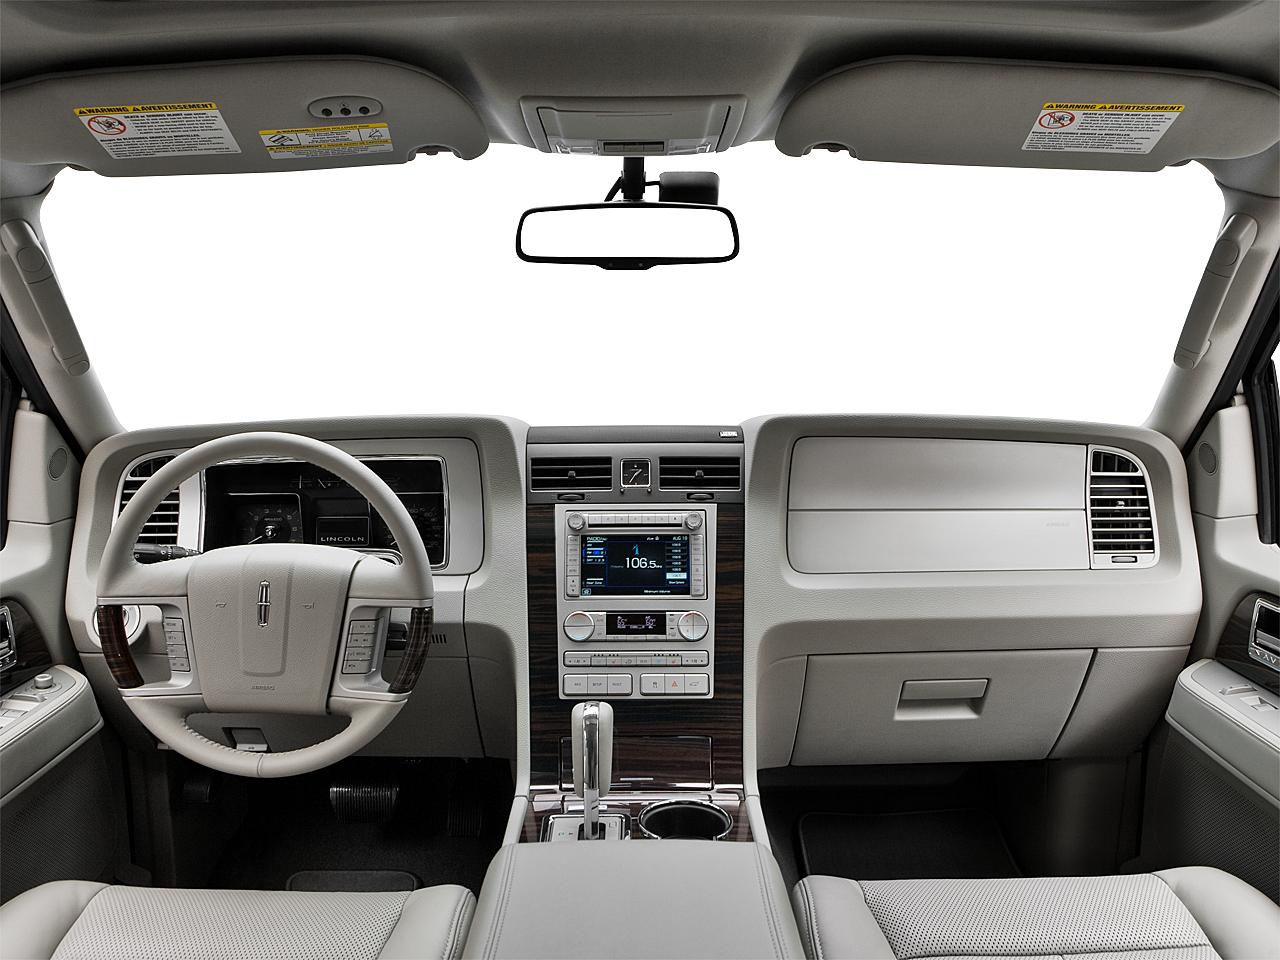 gauges interior sport lincoln com navigator photos base photo utility automotive